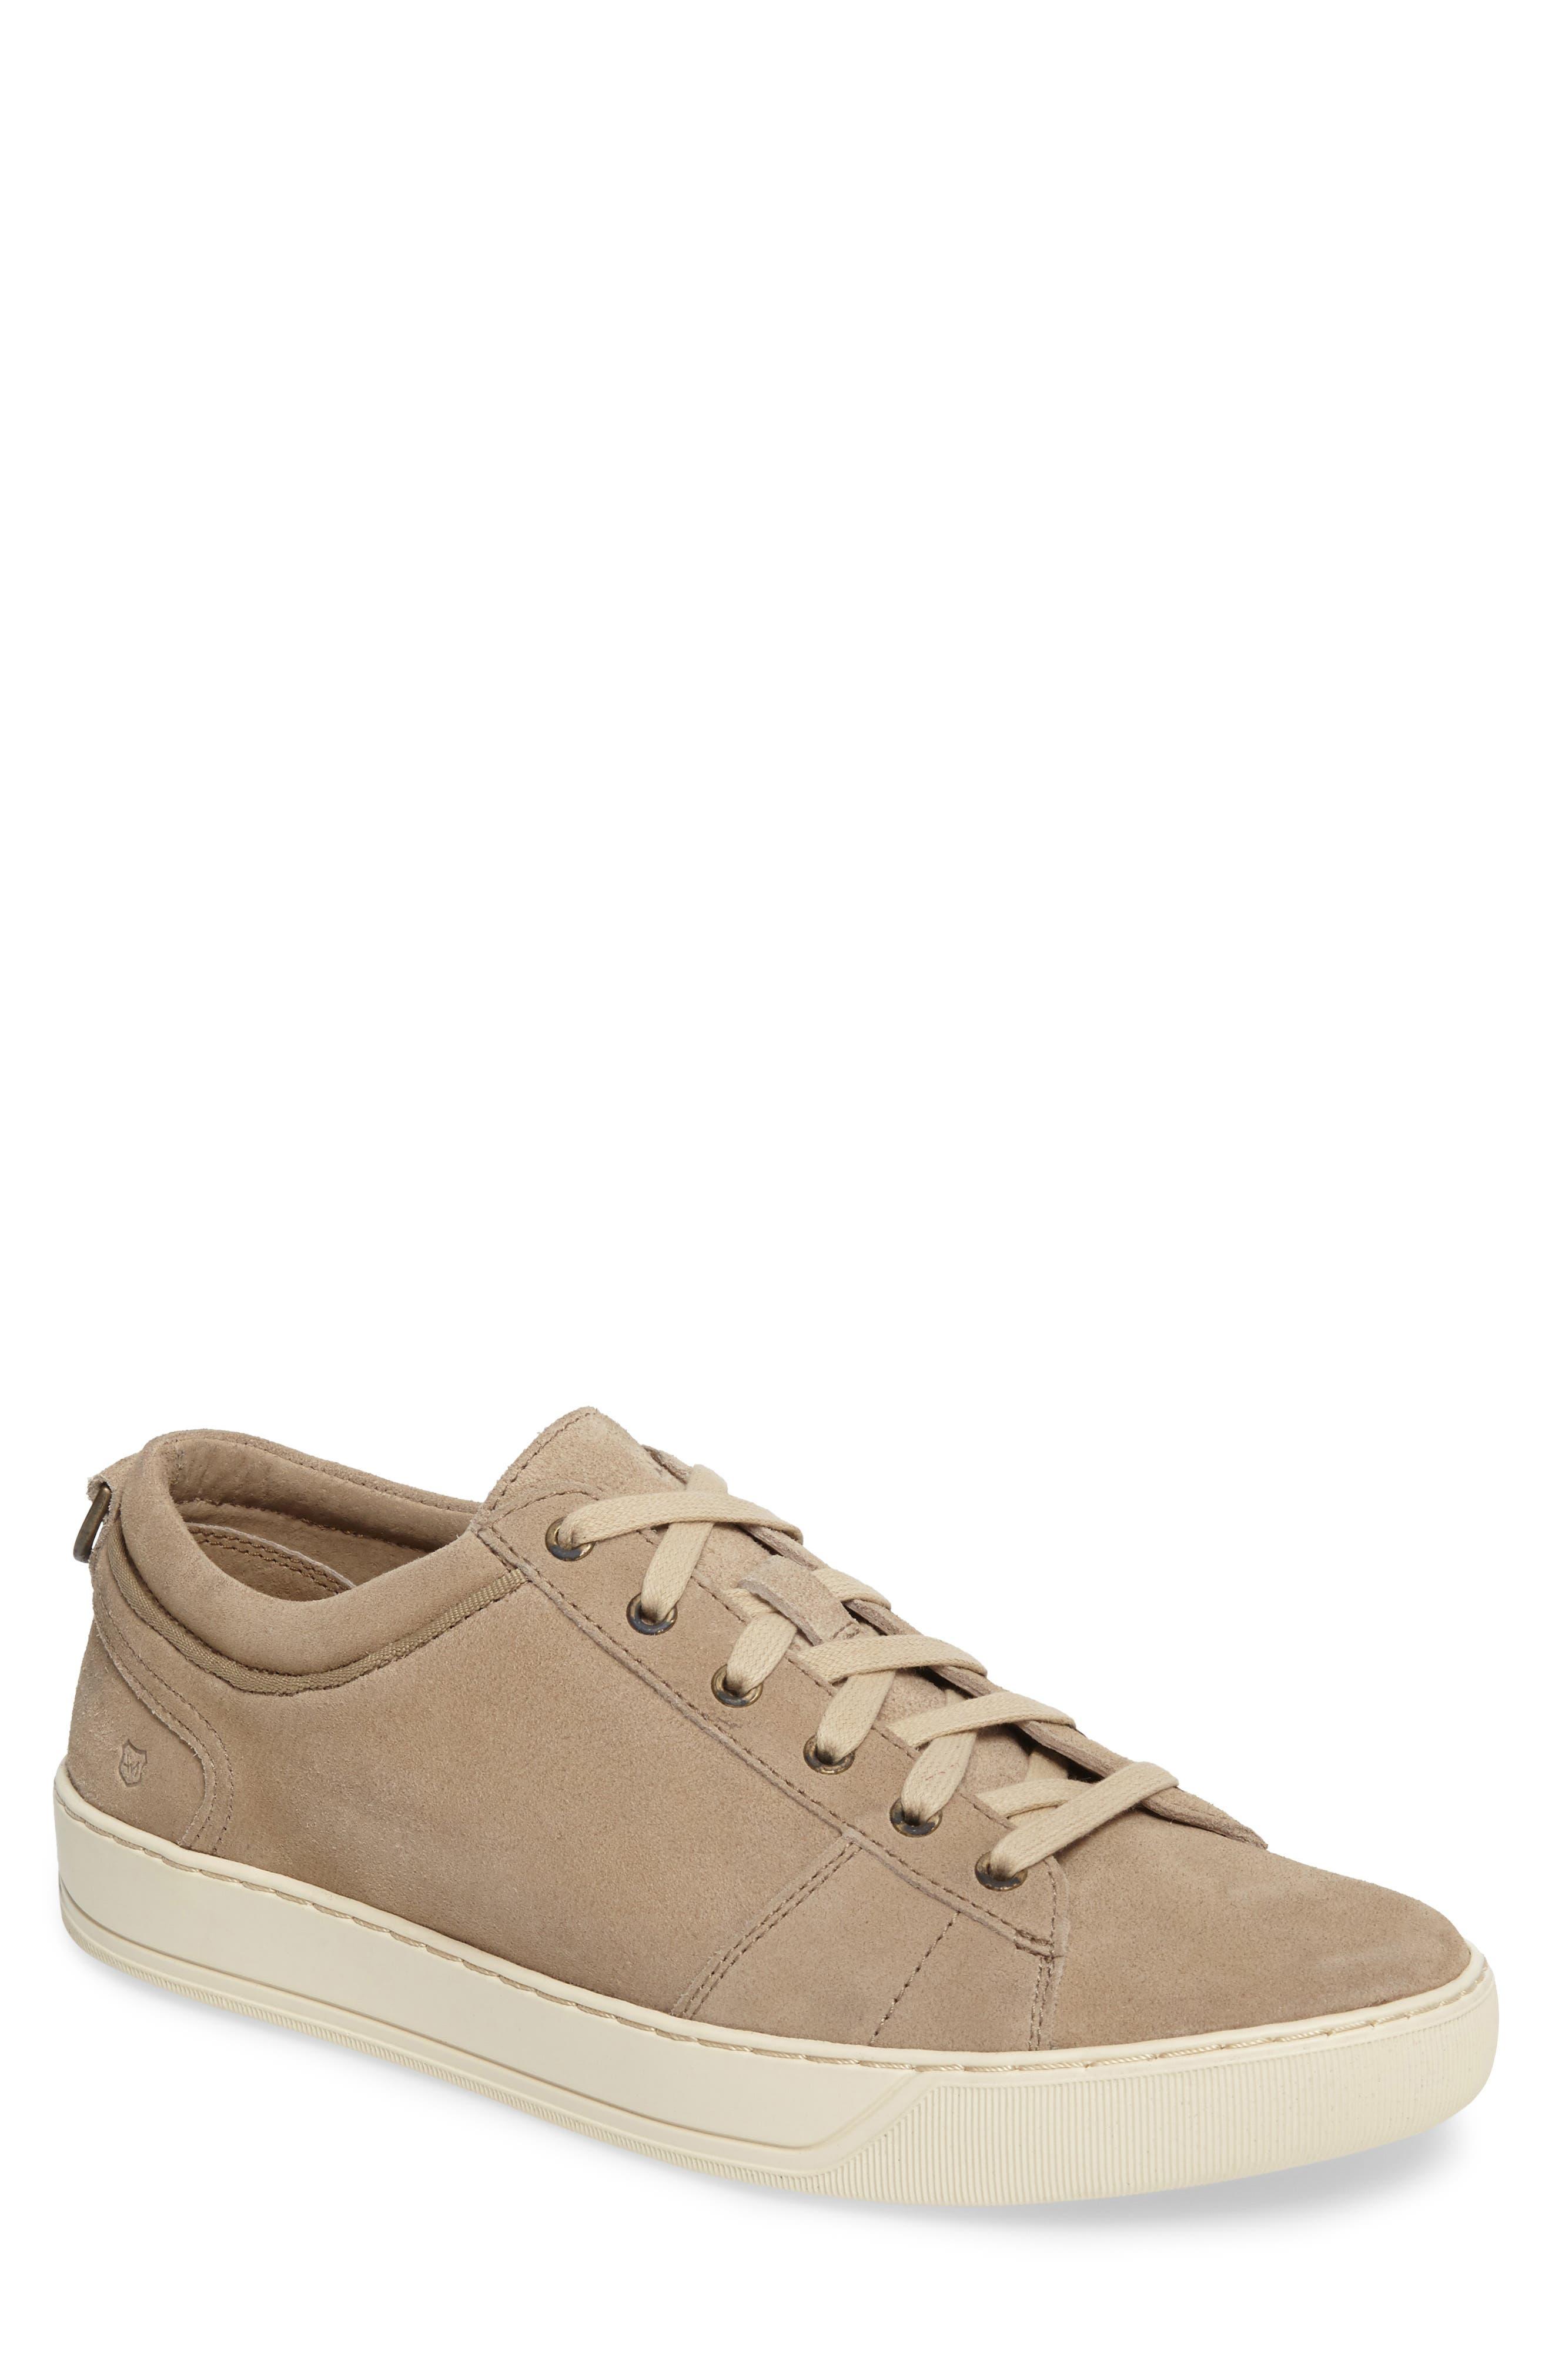 'Darwood' Sneaker,                             Main thumbnail 1, color,                             Hemp/ Bone Suede